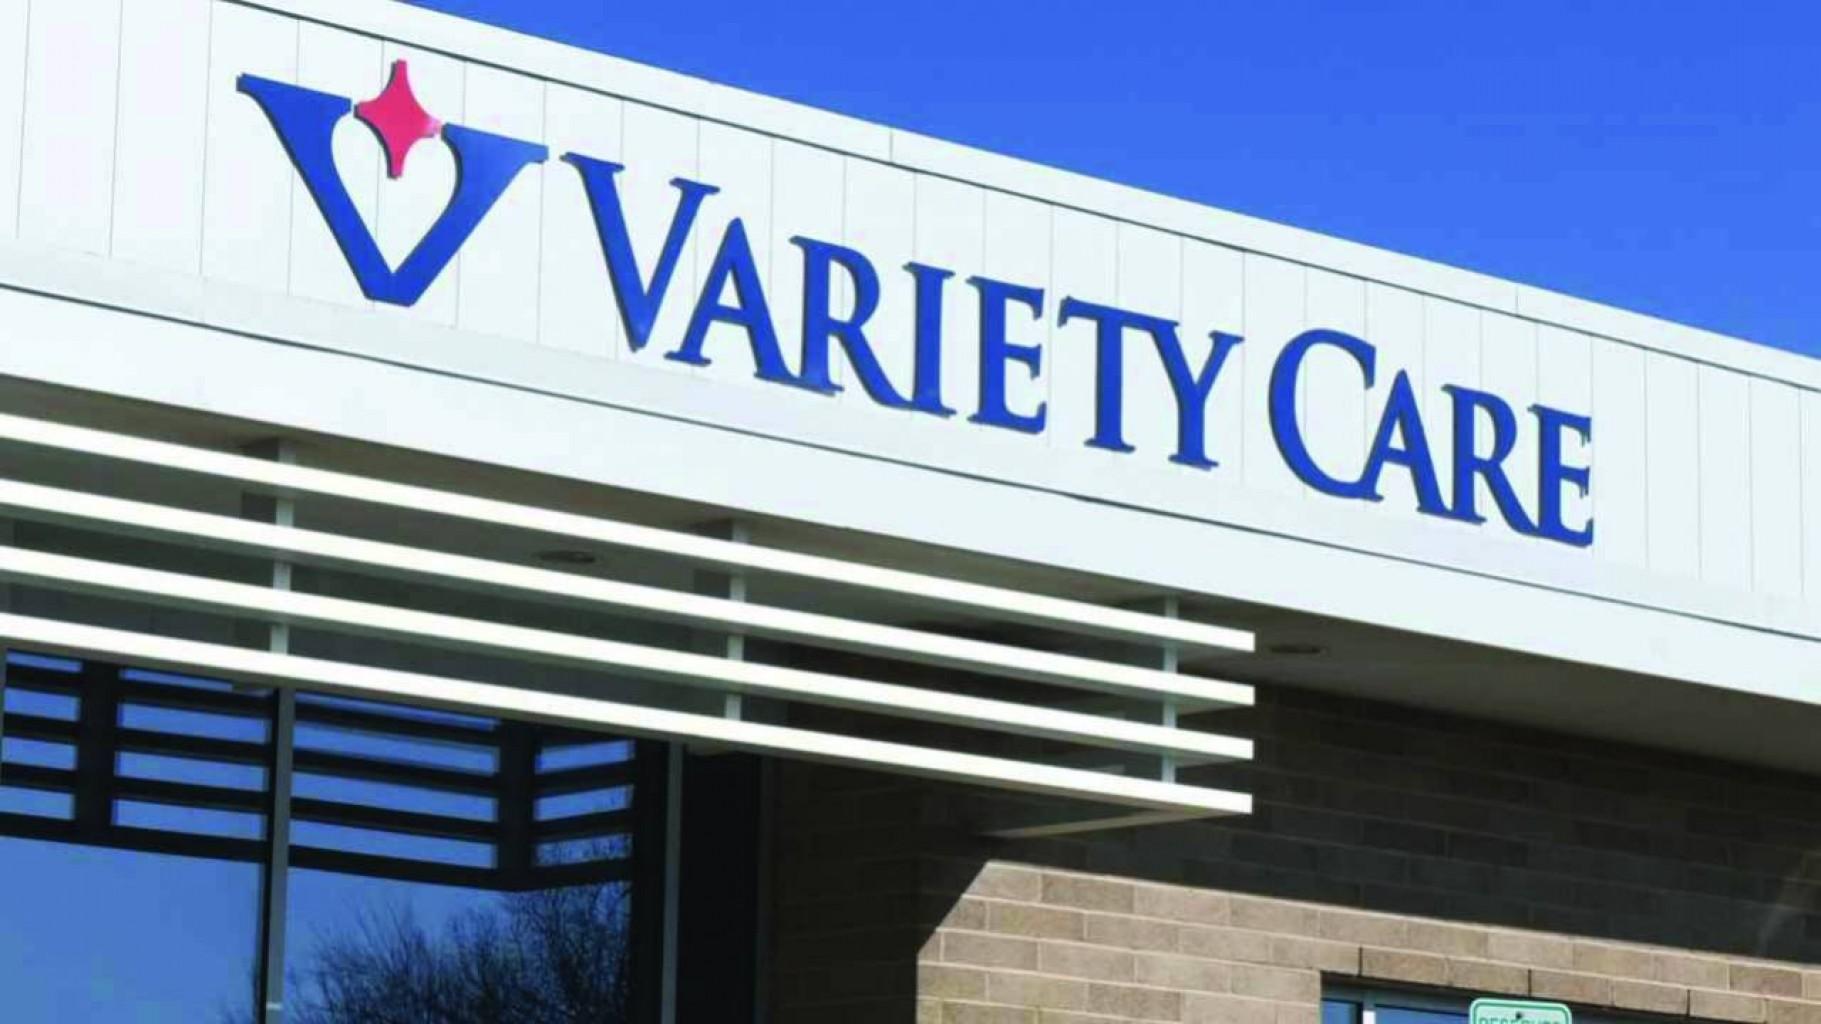 Ahora Adultos pueden solicitar la expansión de Medicaid en Variety Care